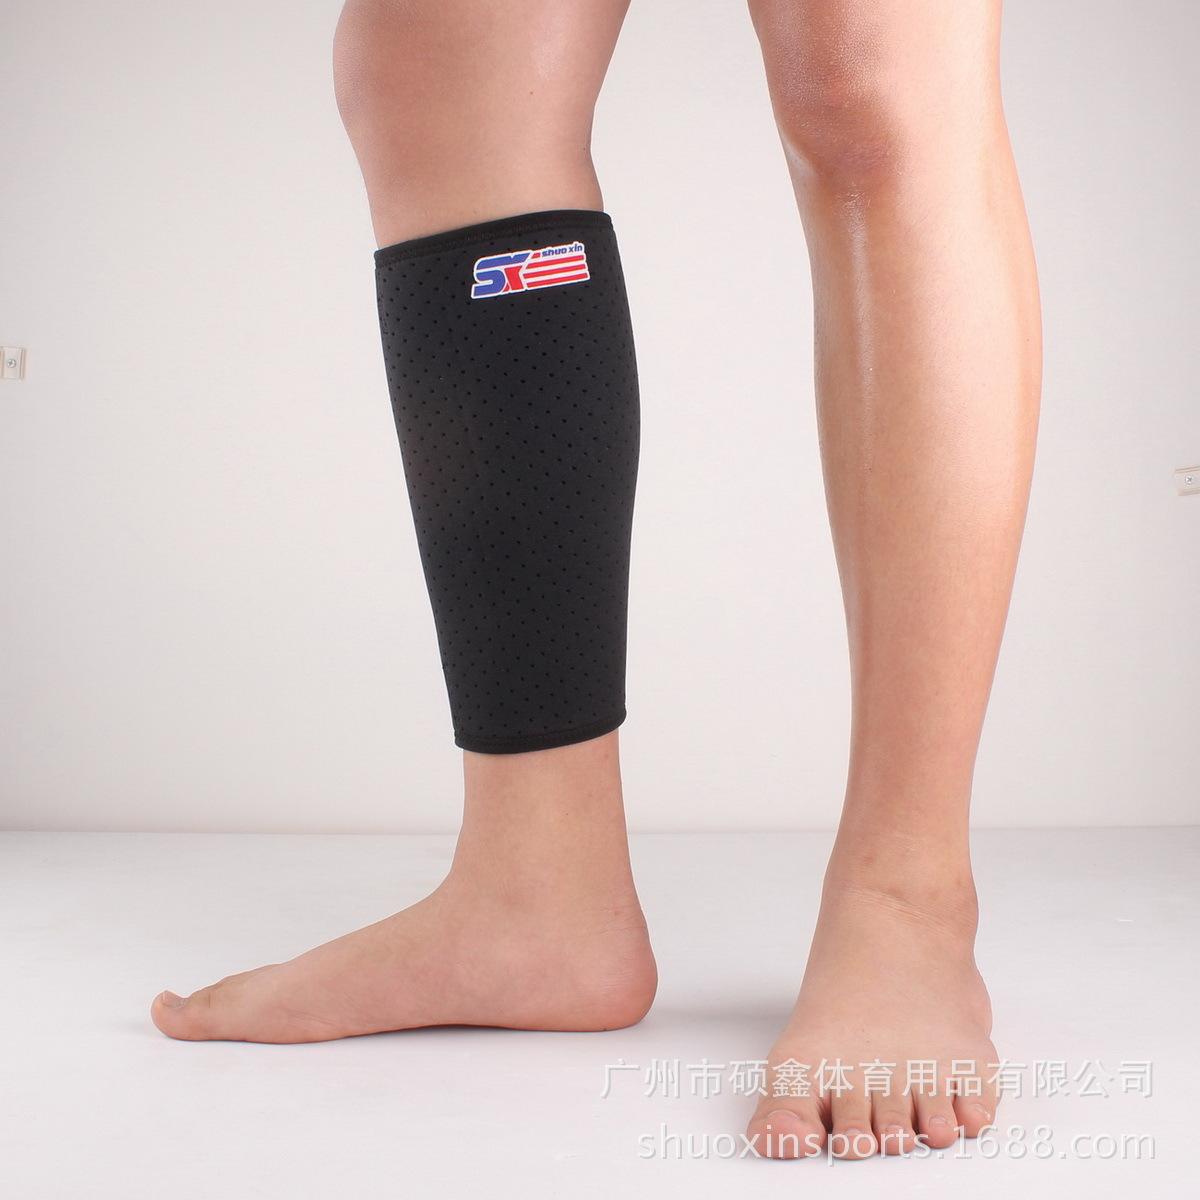 硕鑫透气保健按摩/运动潮流/护具配件护小腿SX651 黑色 一只装